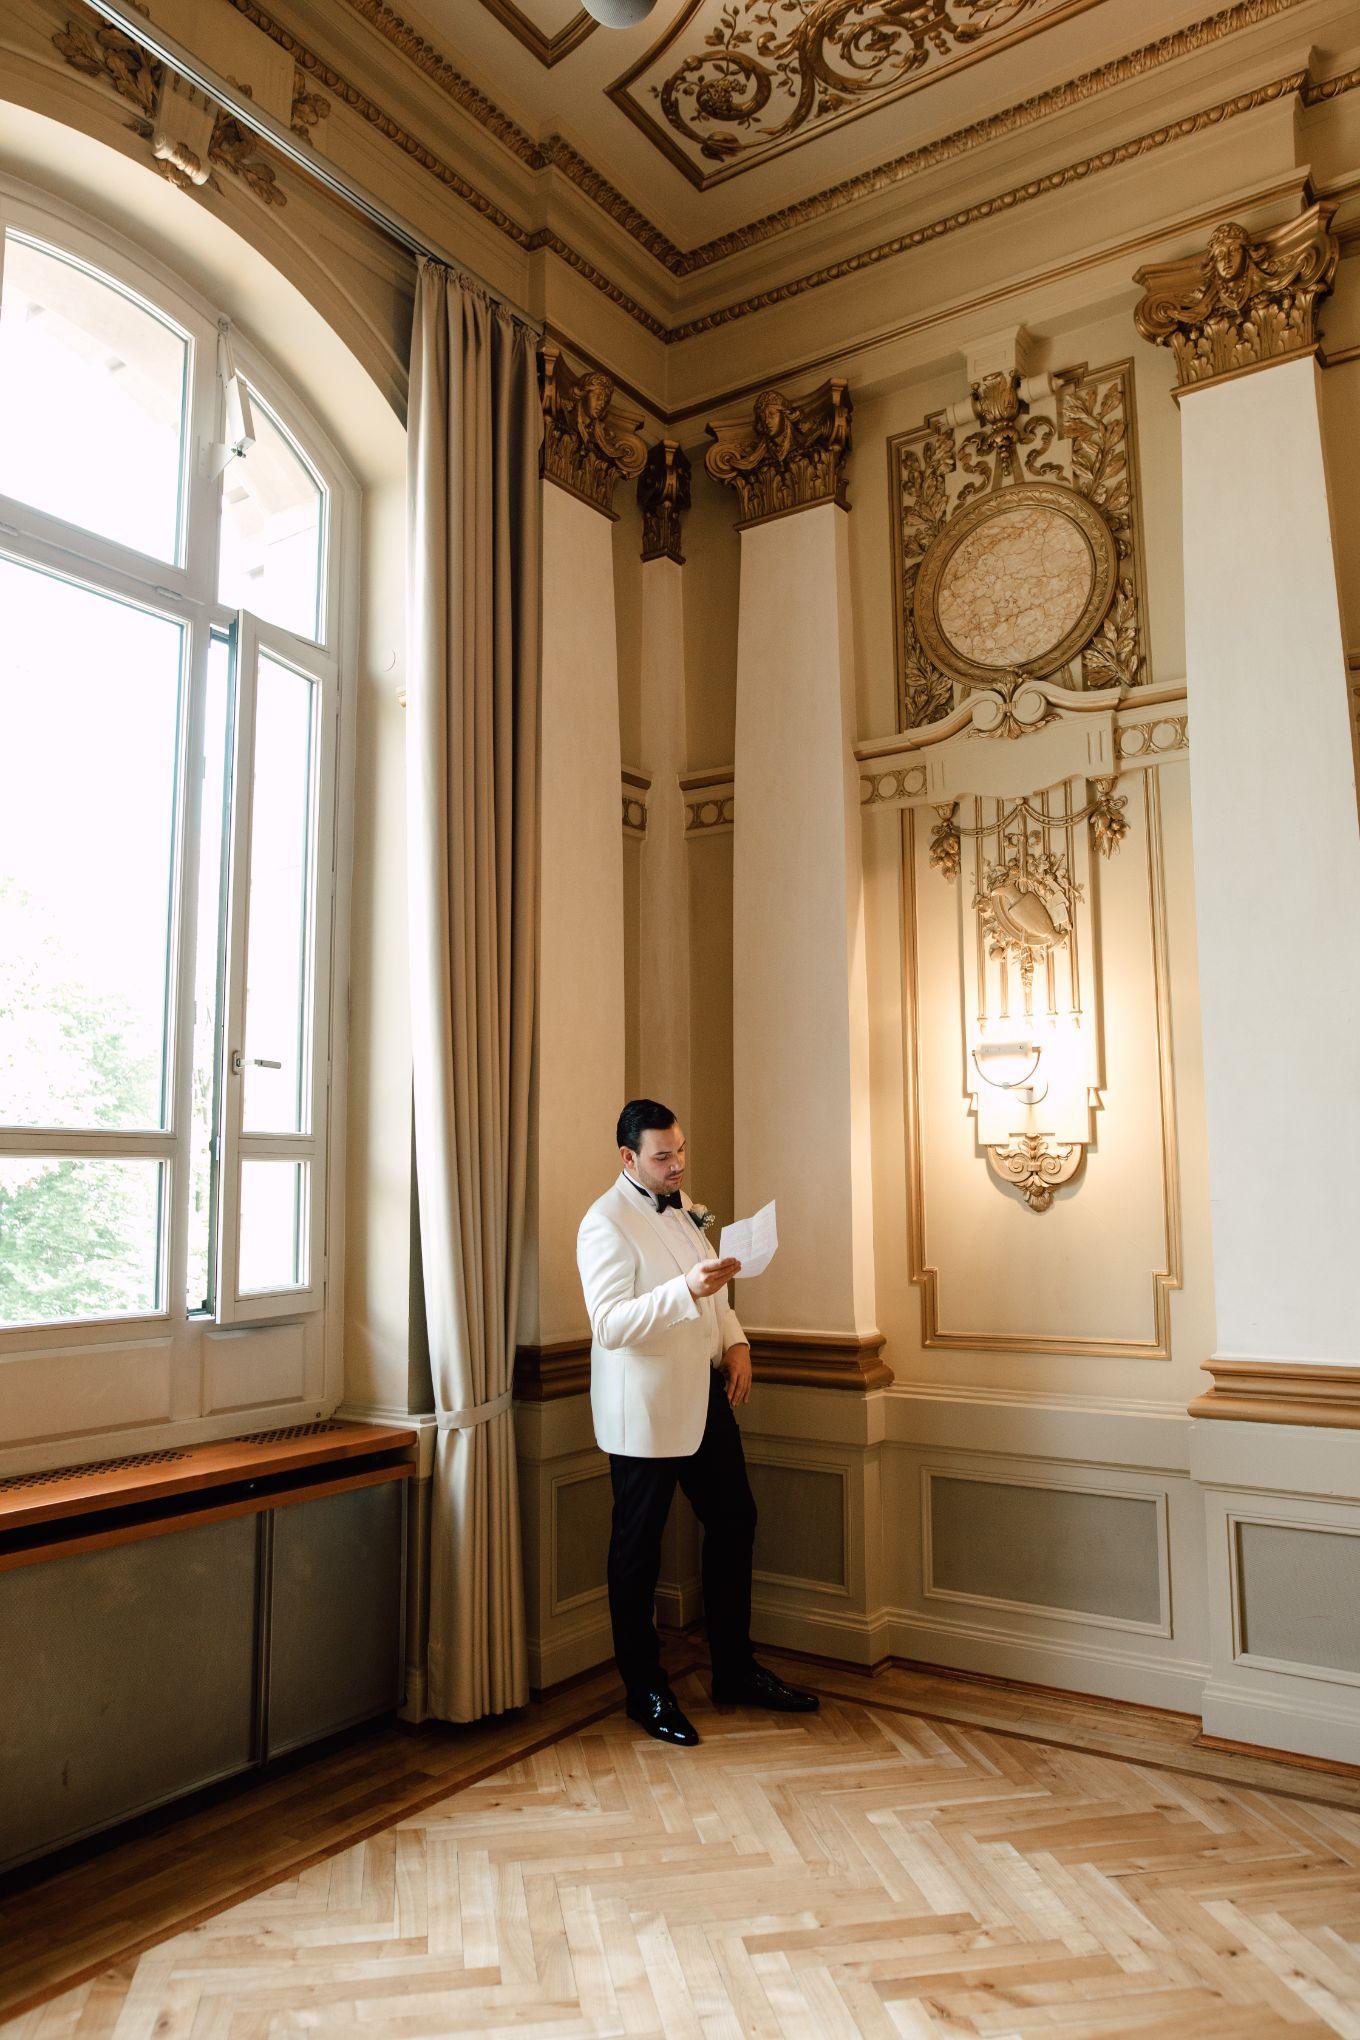 Historische-Stadthalle-Wuppertal-Hochzeit-The-Saums-KN-3-17.jpg